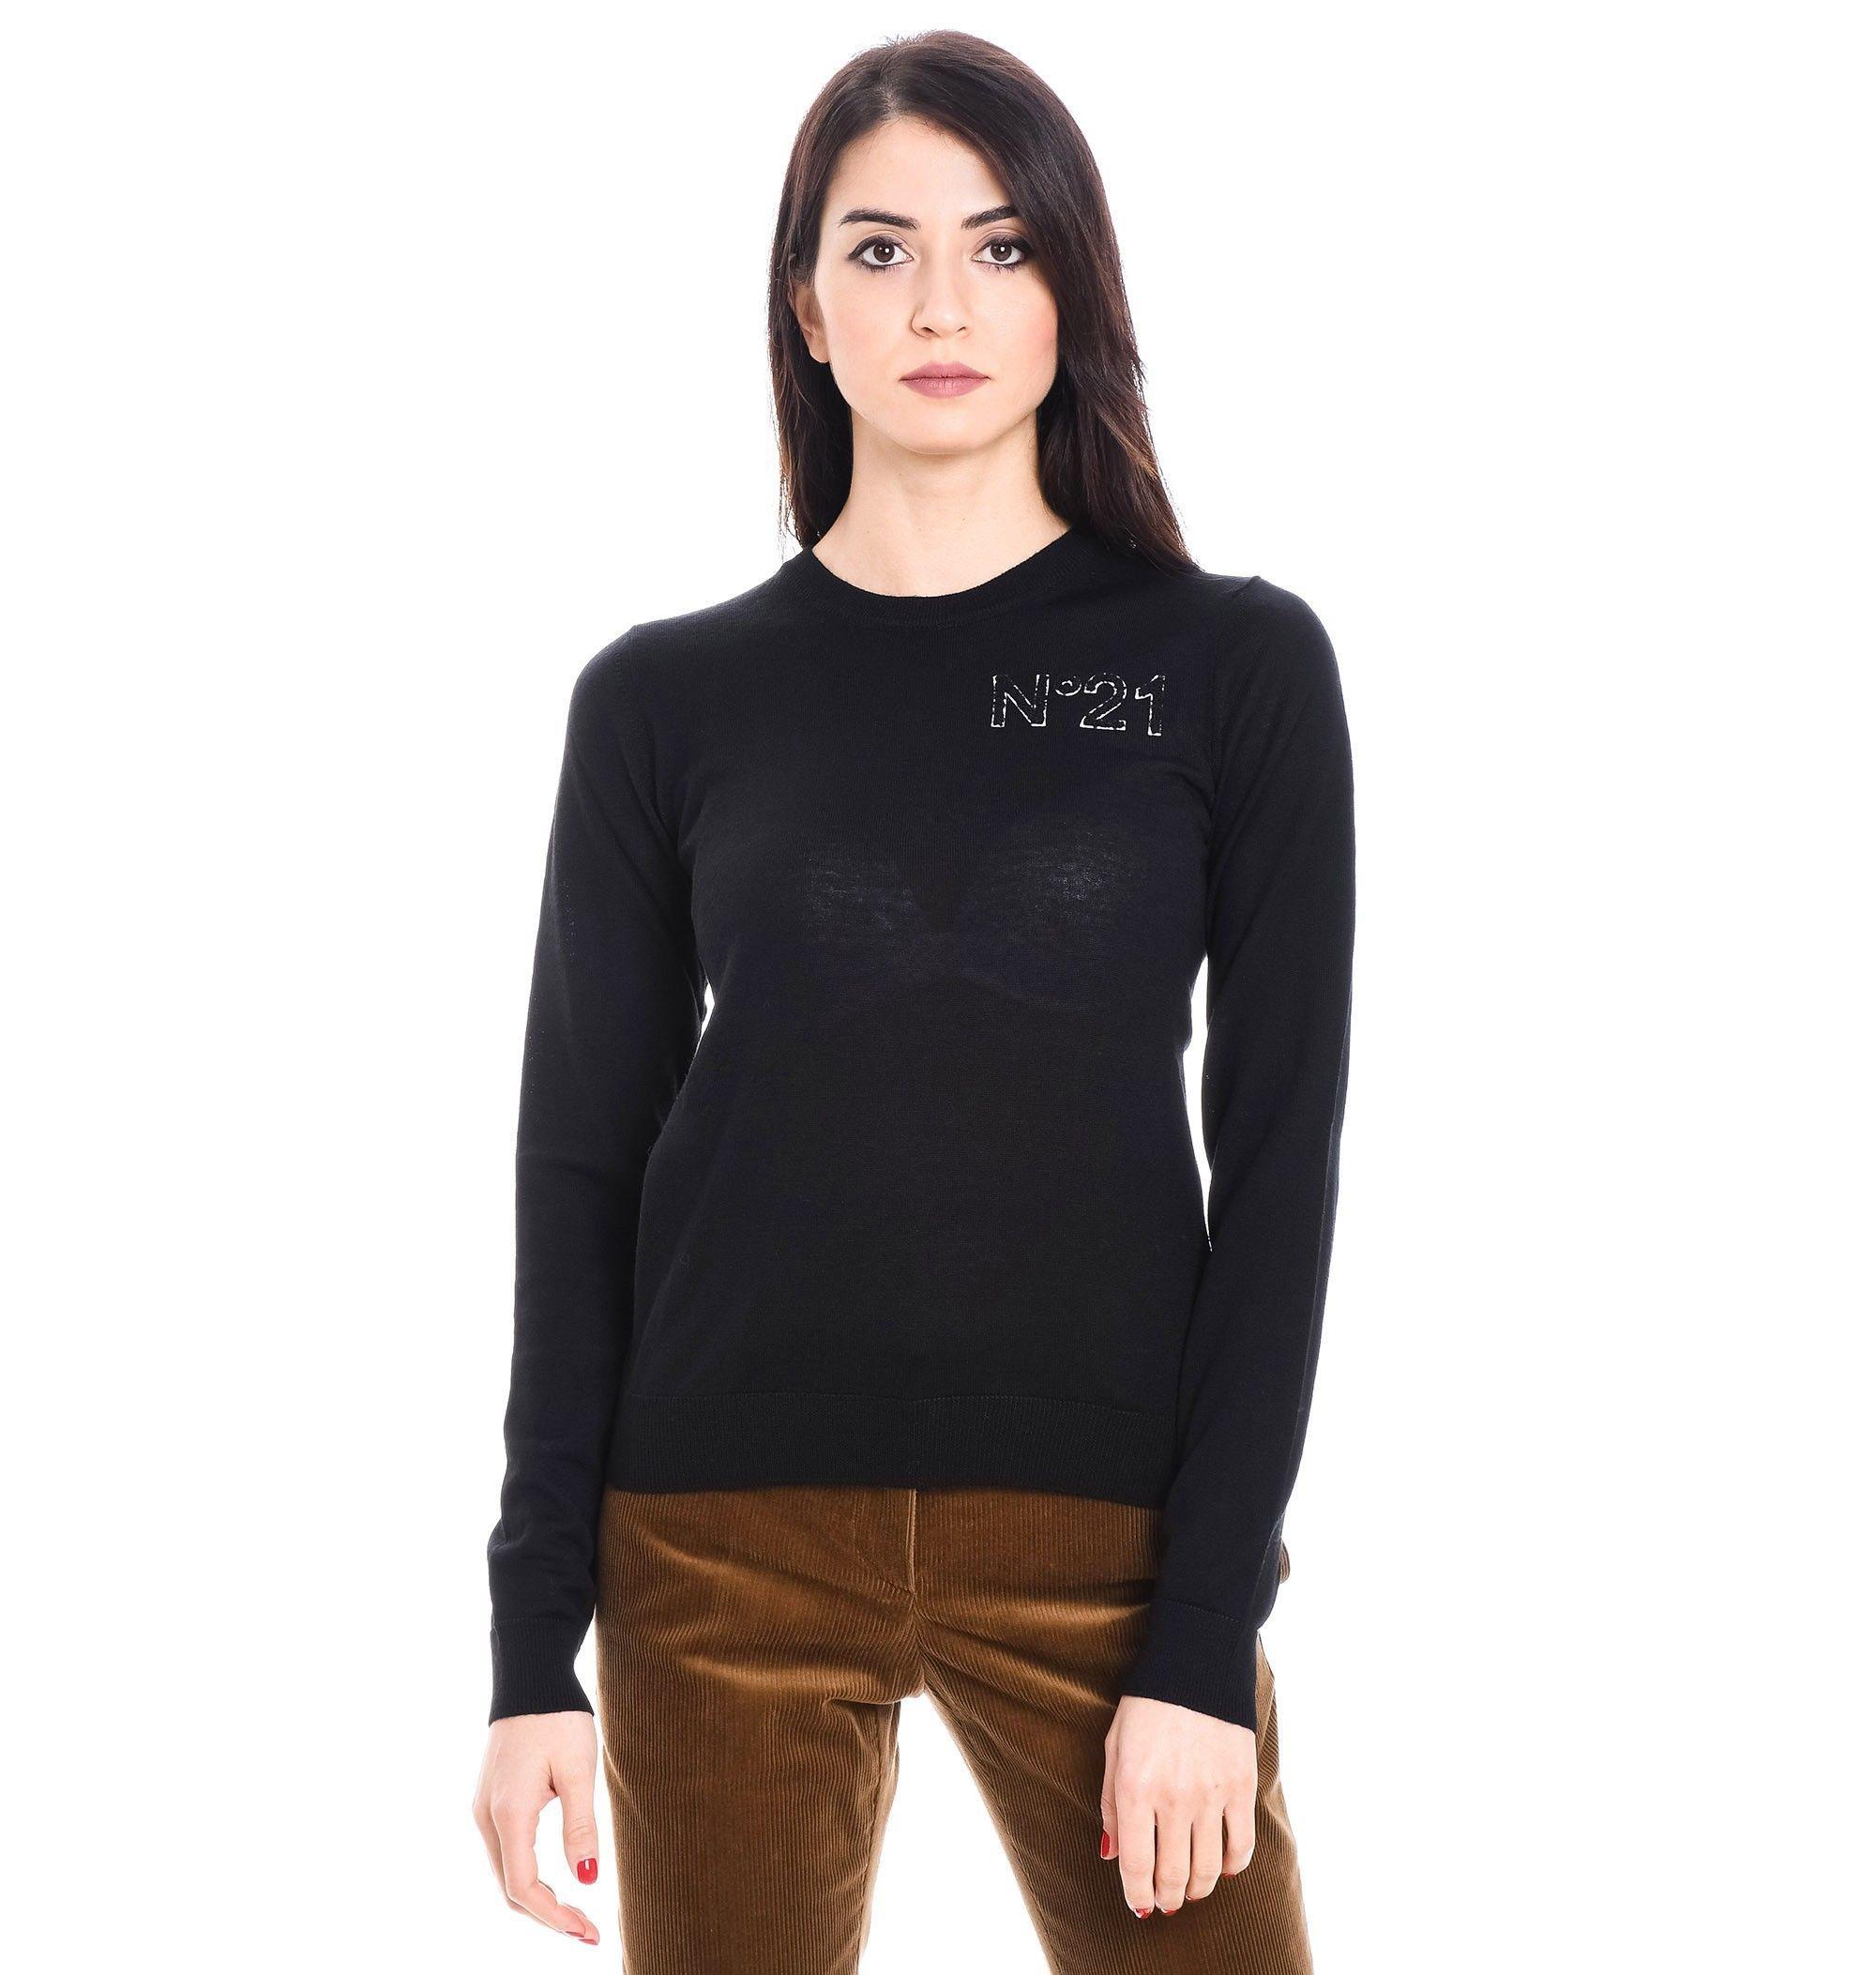 N°21 WOMEN'S A02170199000 BLACK WOOL SWEATER